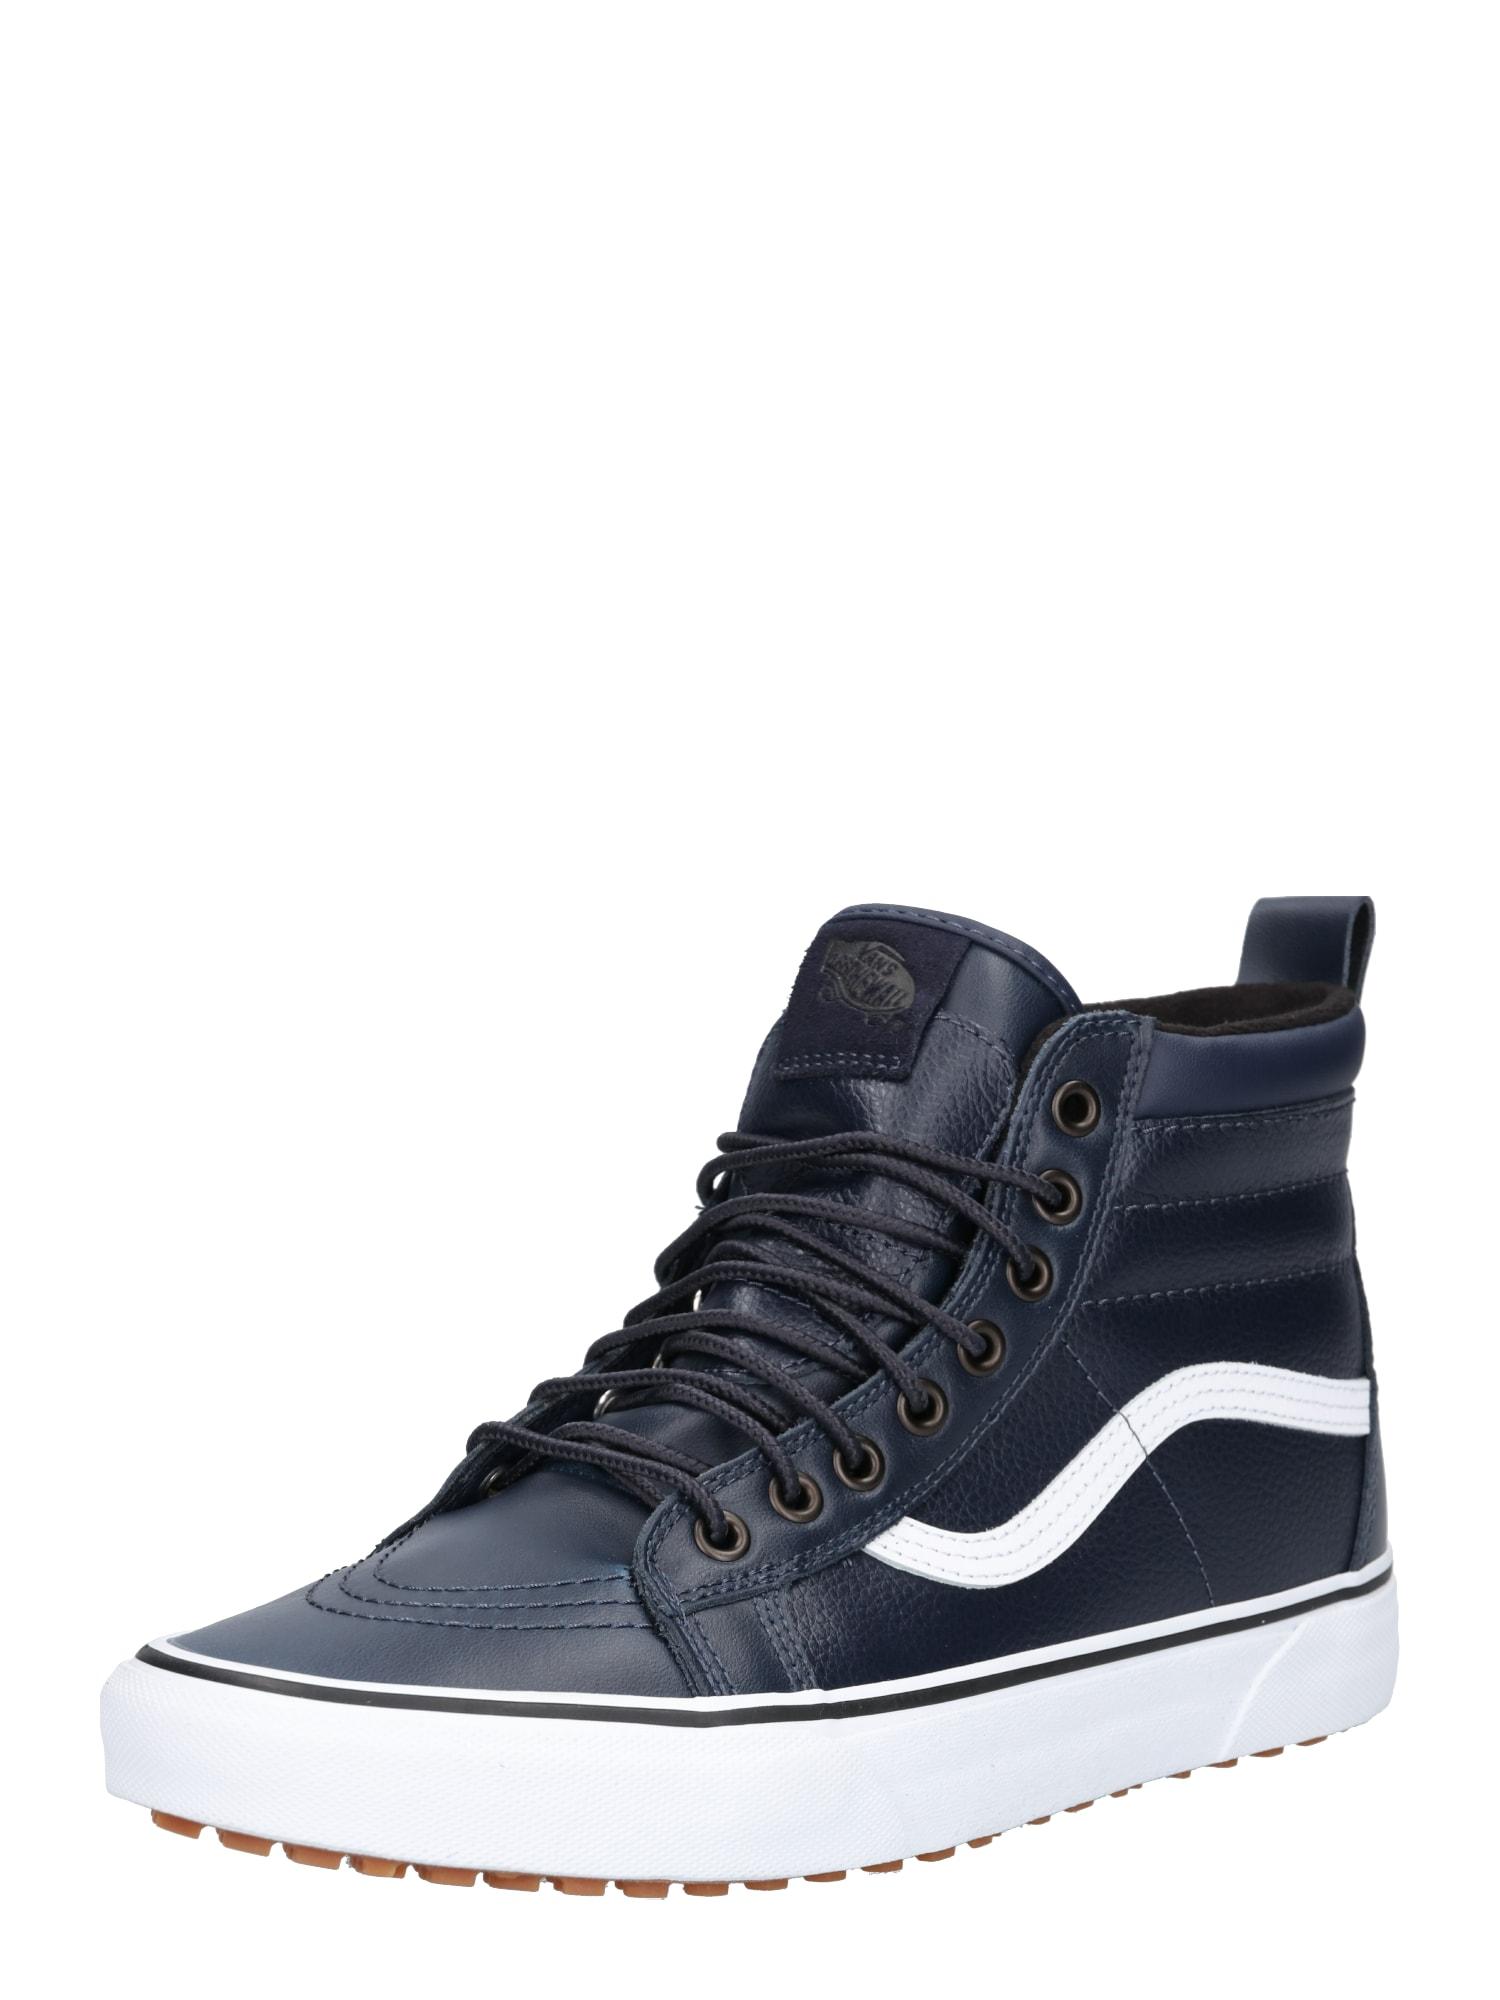 41ebe6ce2ec Aanbieding: Vans Dames Sneakers Hoog Sk8 Hi Mte Blauw Denim Brons ...